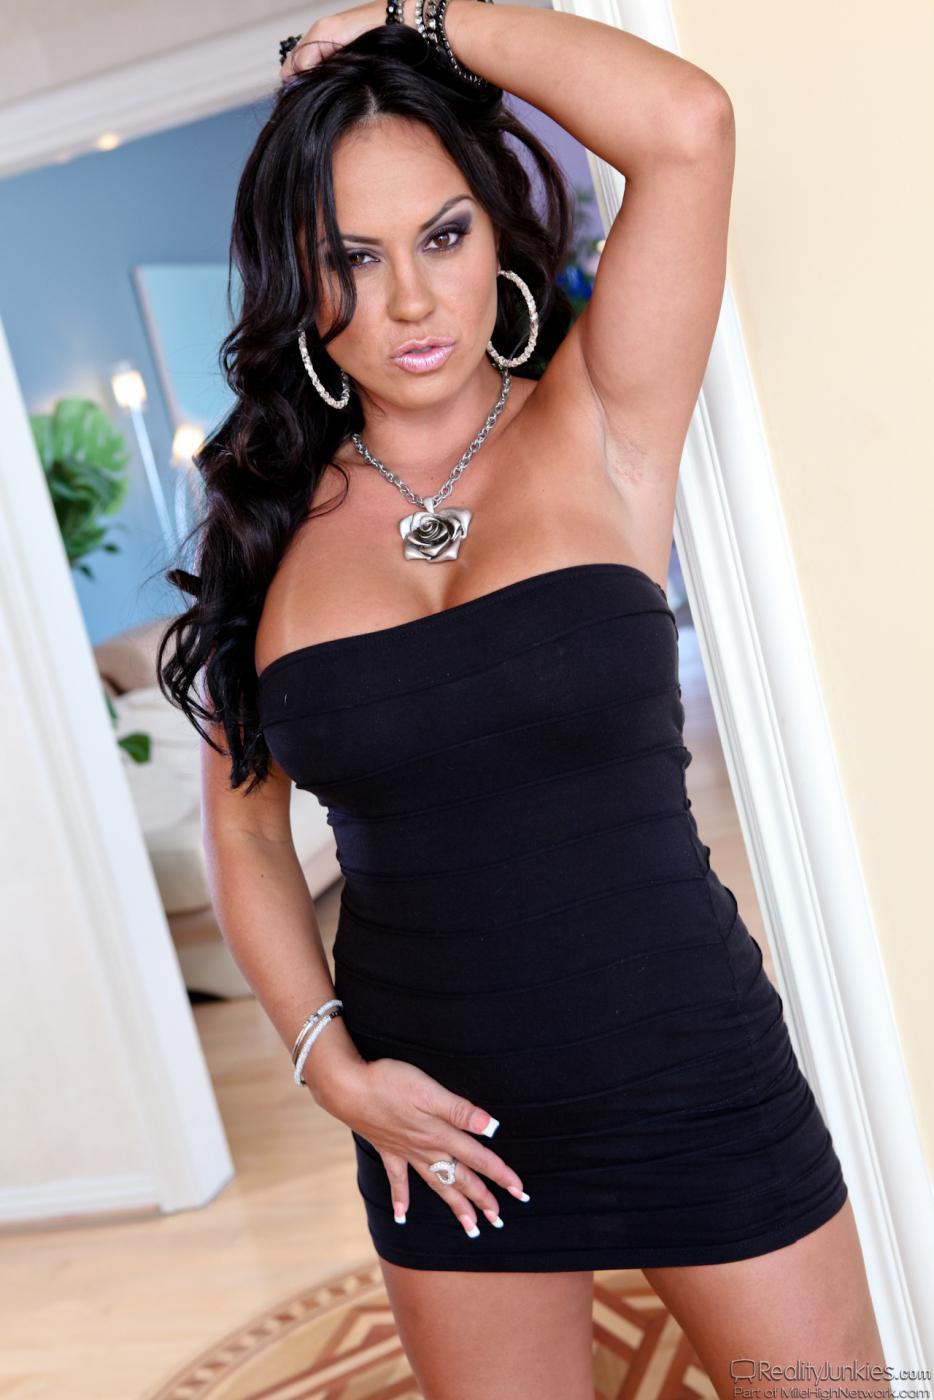 Титькастая девушка латинской внешности Мэрайя Милано позирует в маленьком черном платье и демонстрирует розовые стринги под юбочкой